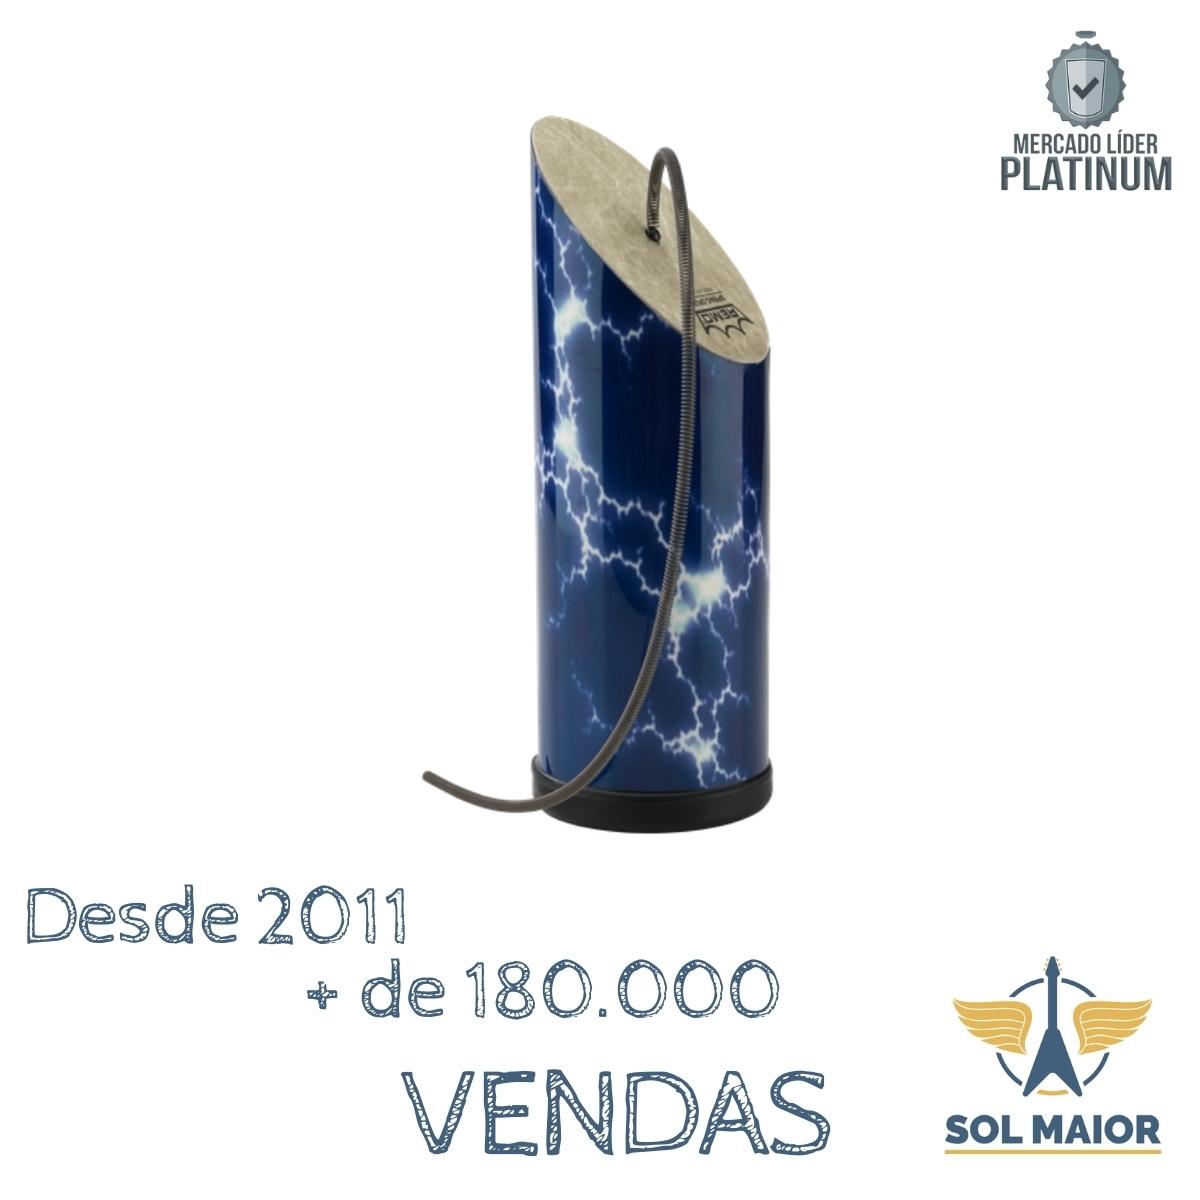 Spring Drum Remo 4x10 Polegadas Com lado Angulado SP-0410-LA